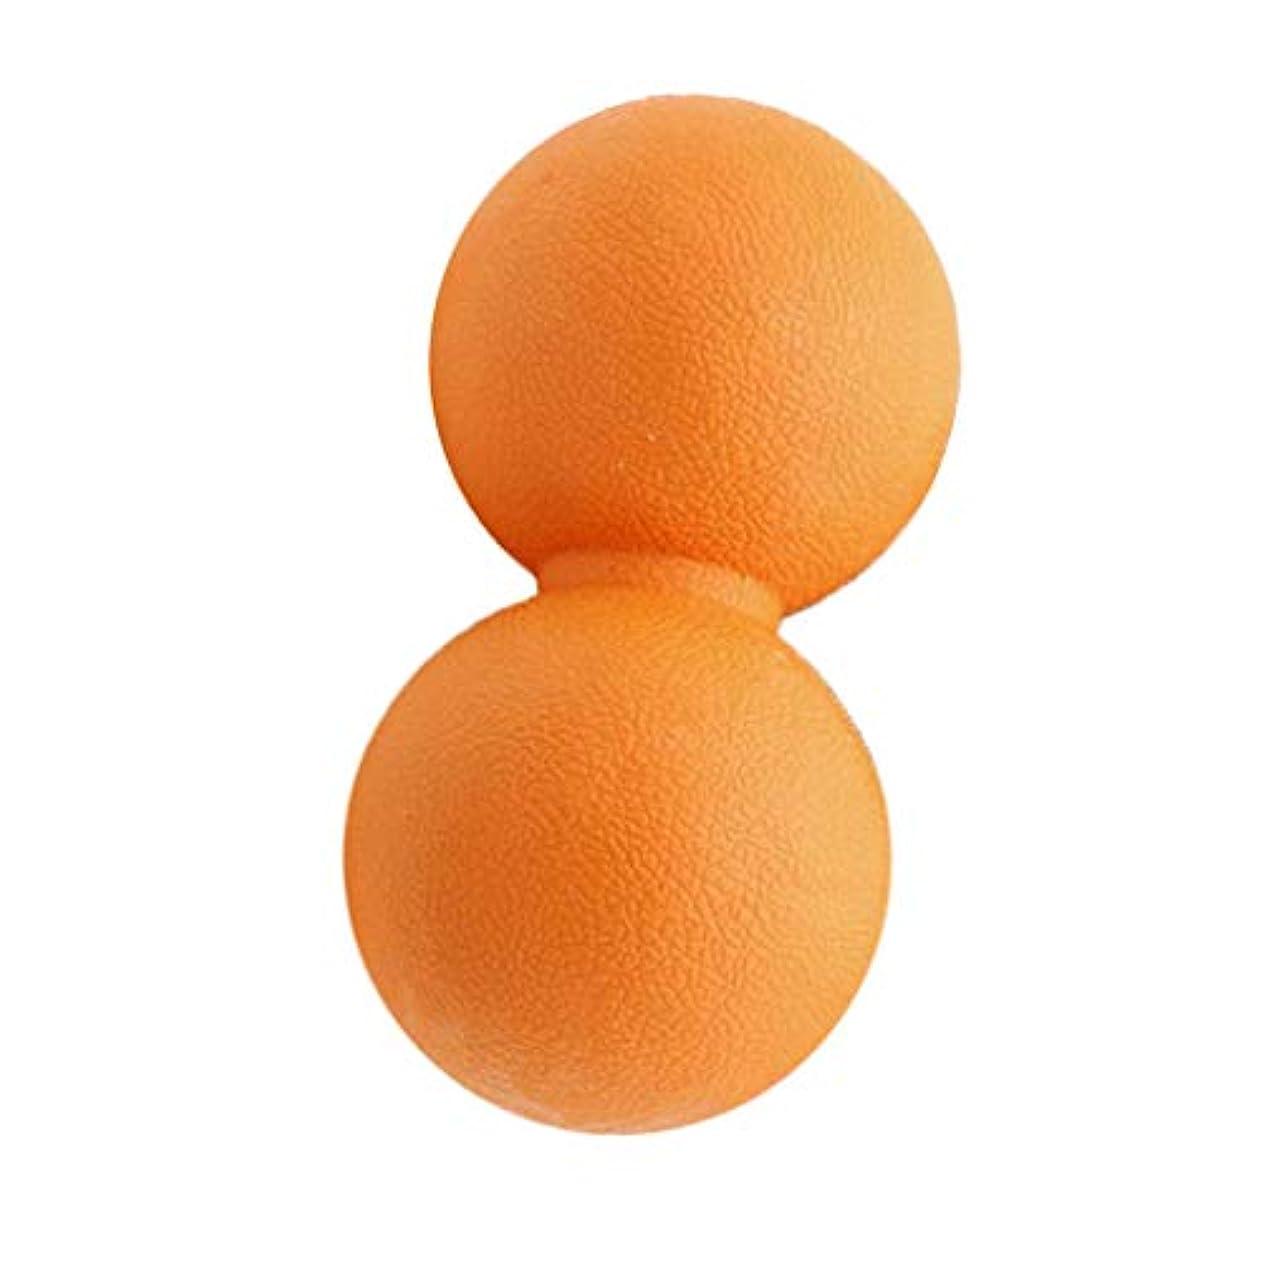 スリップシューズ何よりも満たす全2色 マッサージボール ピーナッツ ツボ押しグッズ 疲れ解消ボール 筋膜リリース 筋肉疲労回復 - オレンジ, 13cm